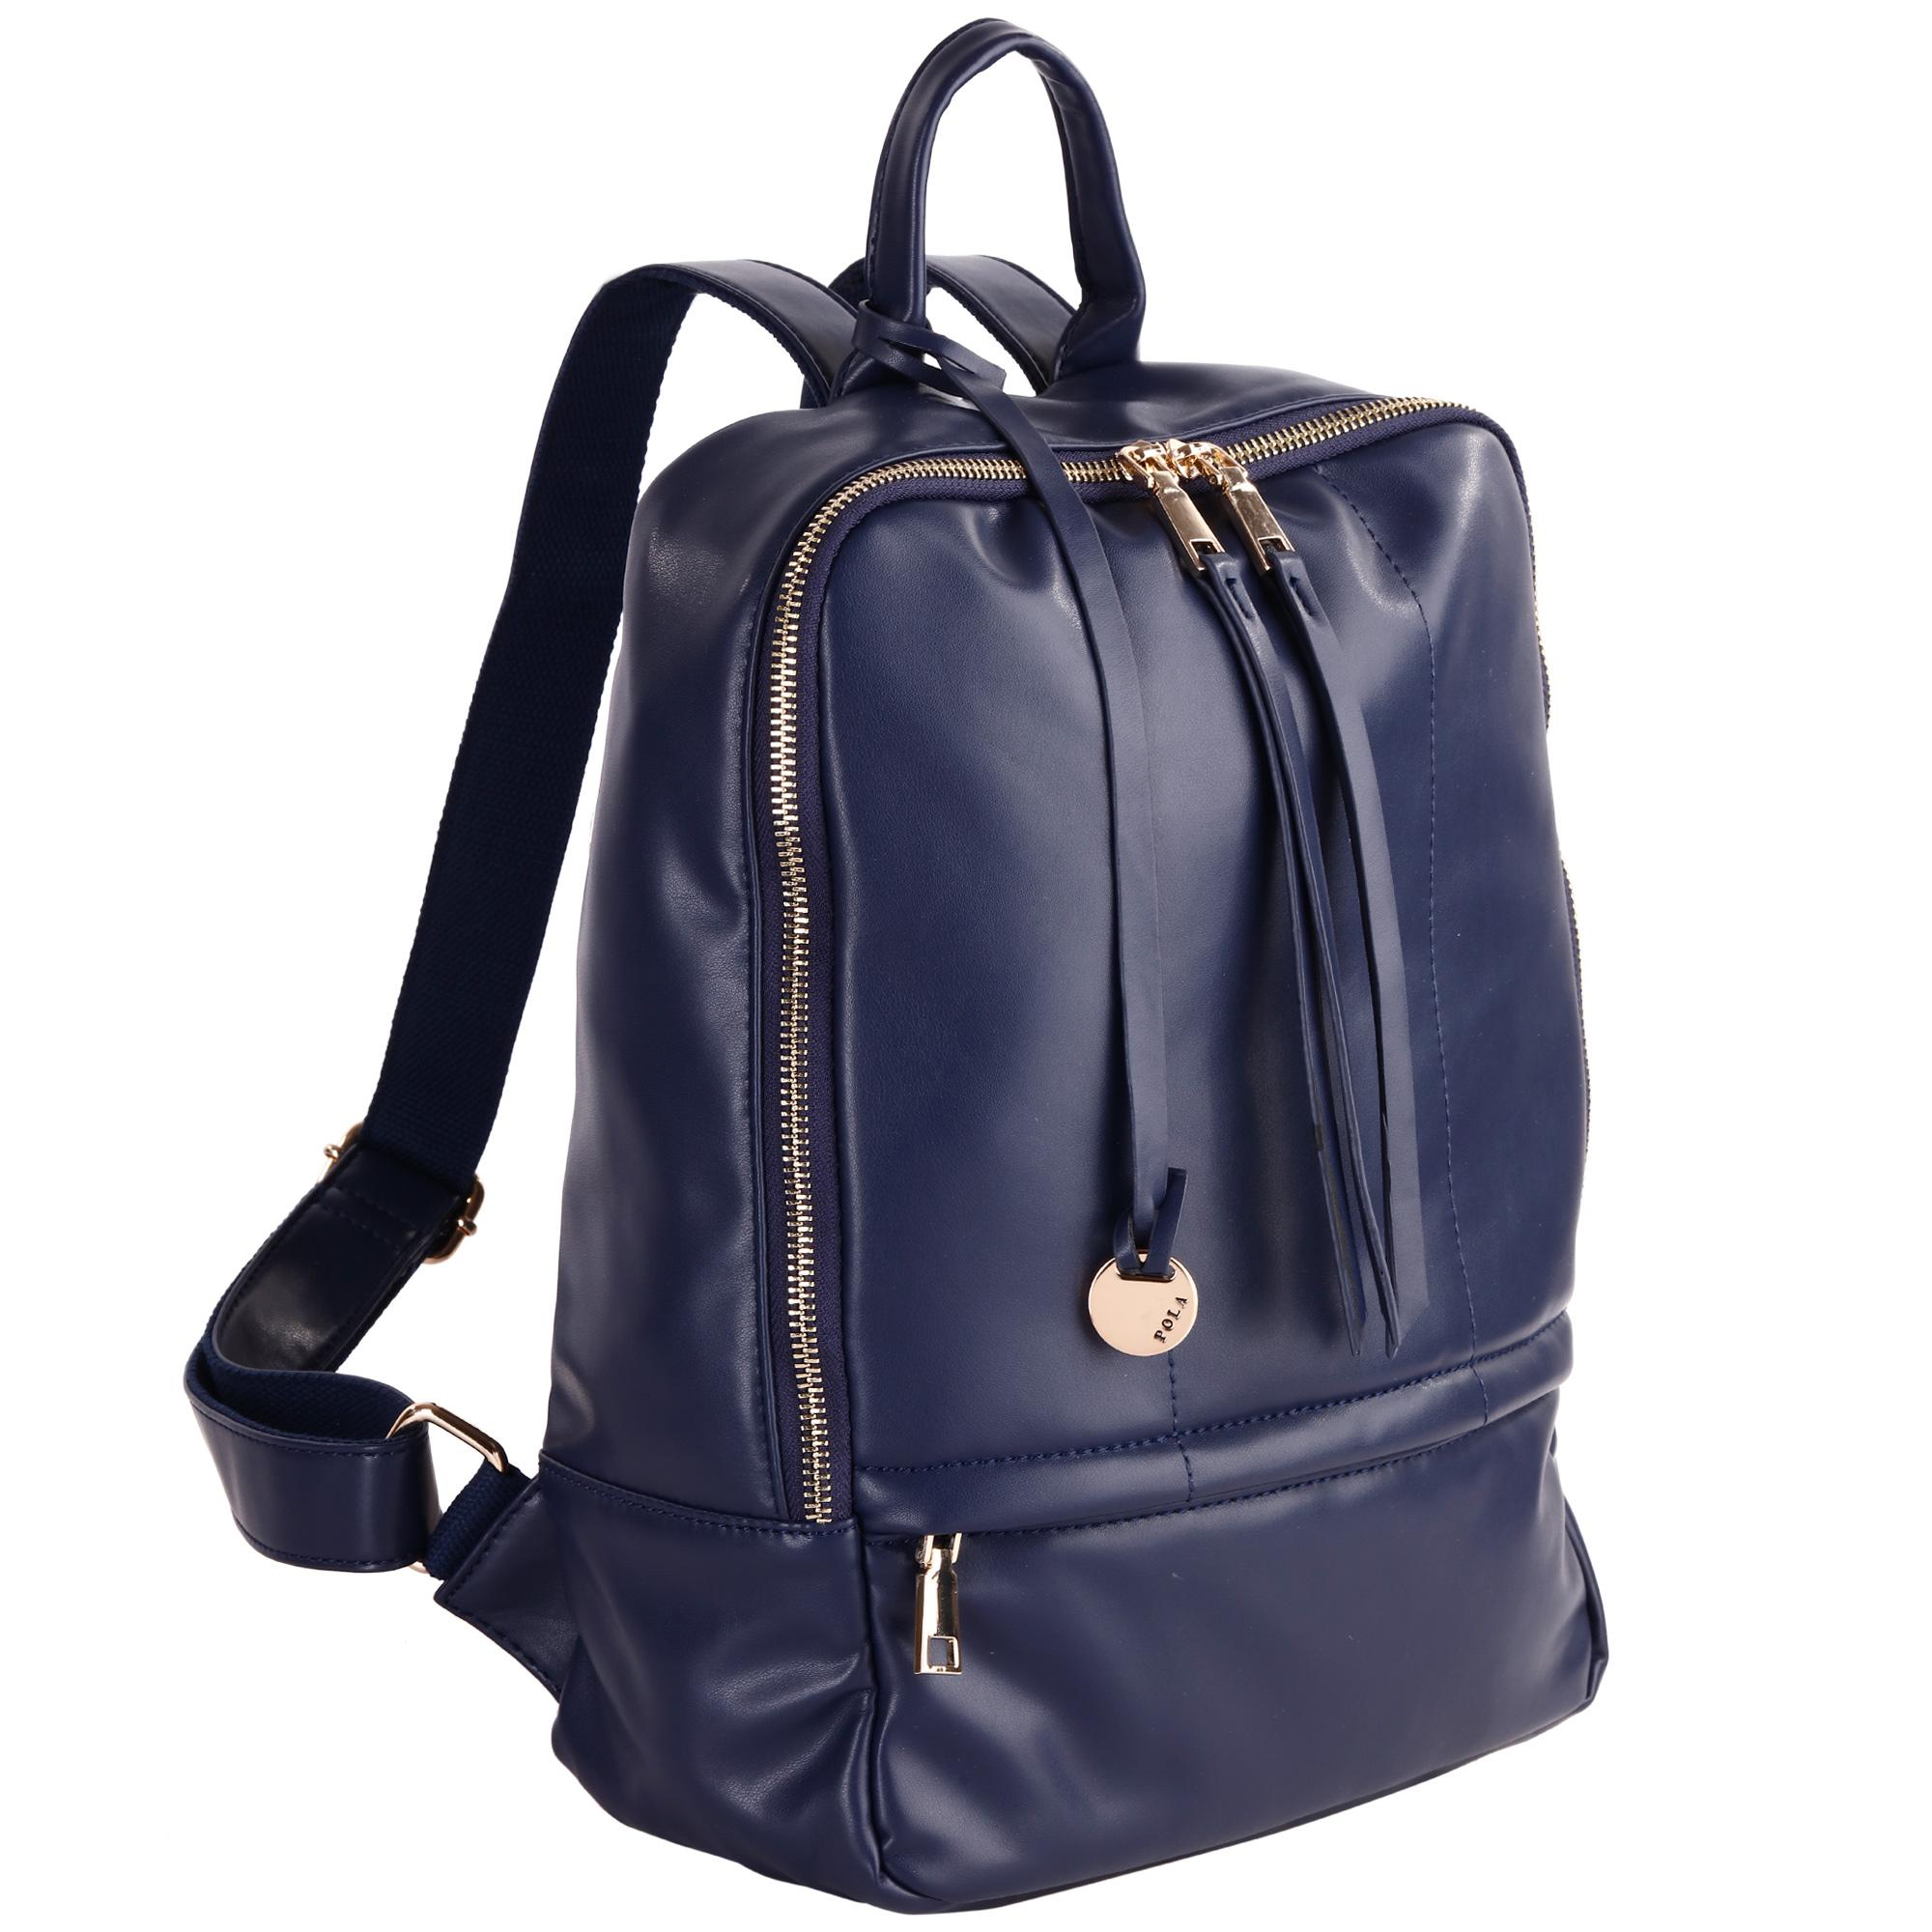 Рюкзак женский Pola, цвет: синий. 44124412Стильный женский рюкзак Pola - очень практичен в повседневном использовании. Основное отделение закрывается на металлическую молнию. Внутри - два кармана на молниях и два открытых кармашка. Снаружи – карманы на молниях сзади и спереди рюкзака. Лямки регулируются по длине. Эта универсальная модель идеально подойдет как для путешествий, так и для учебы или работы, а так же позволит вам взять с собой все самое необходимое.